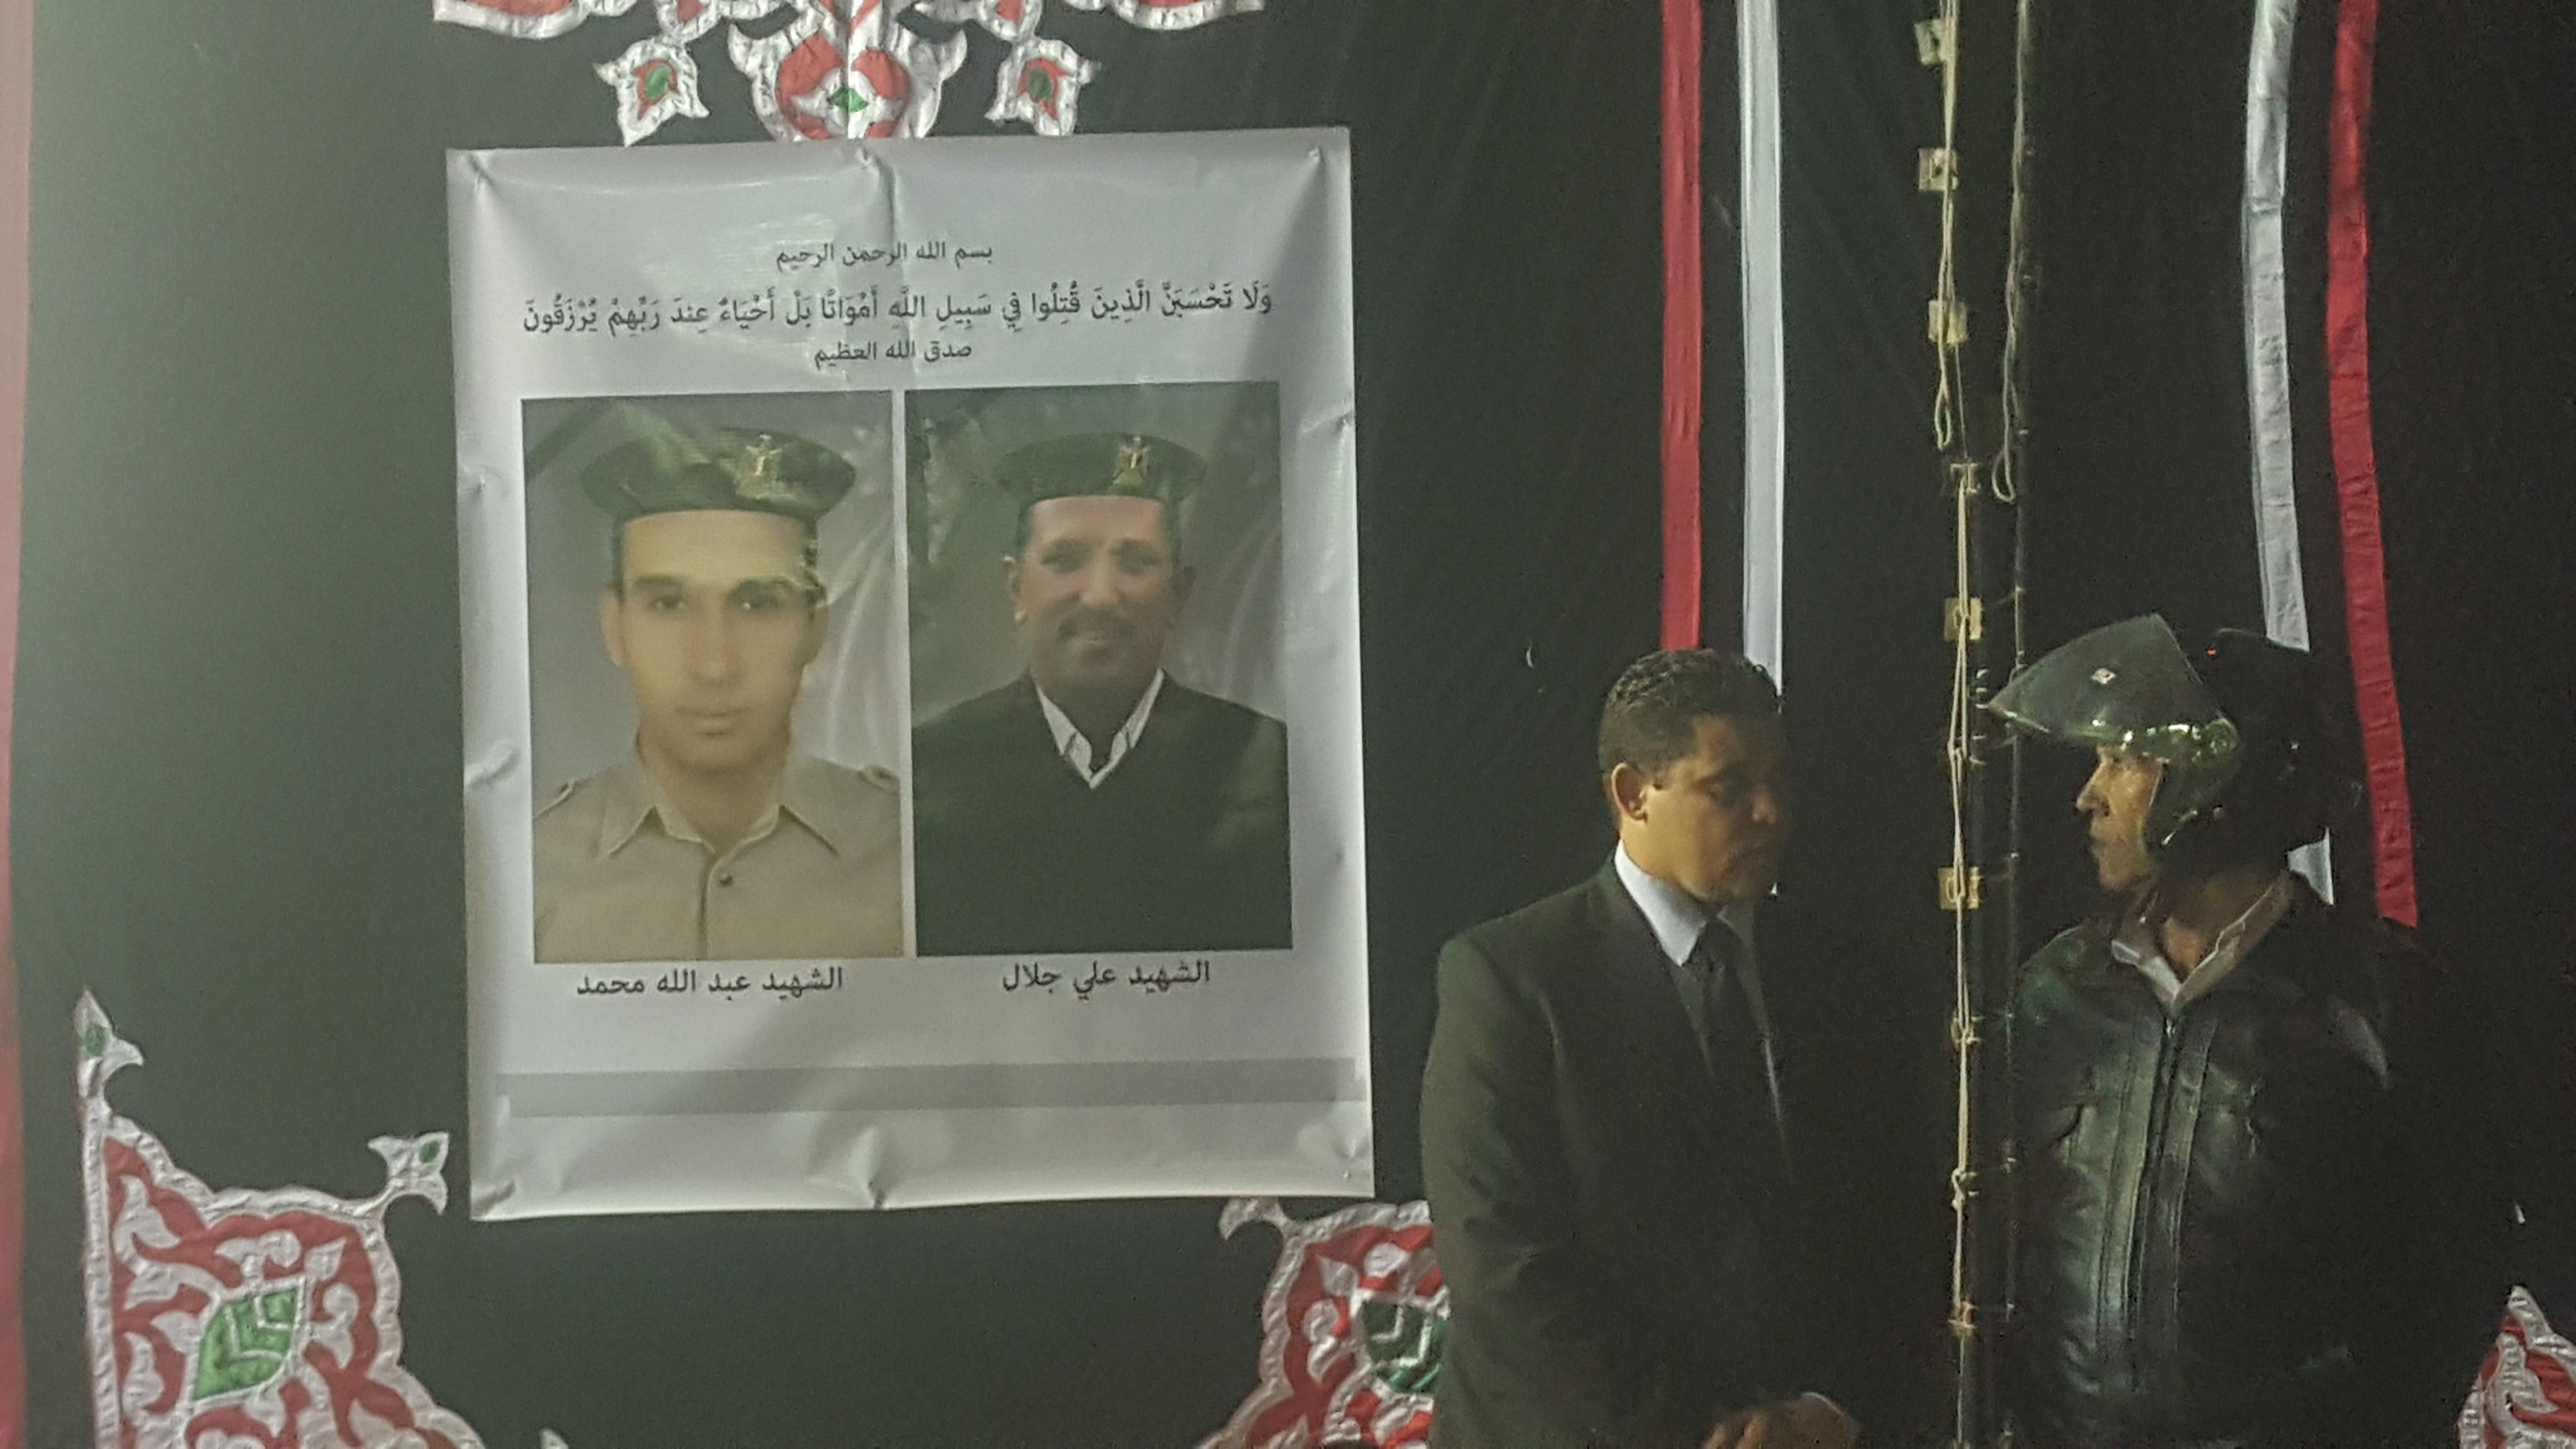 شهداء الحادث الإرهابى بالإسكندرية (1)